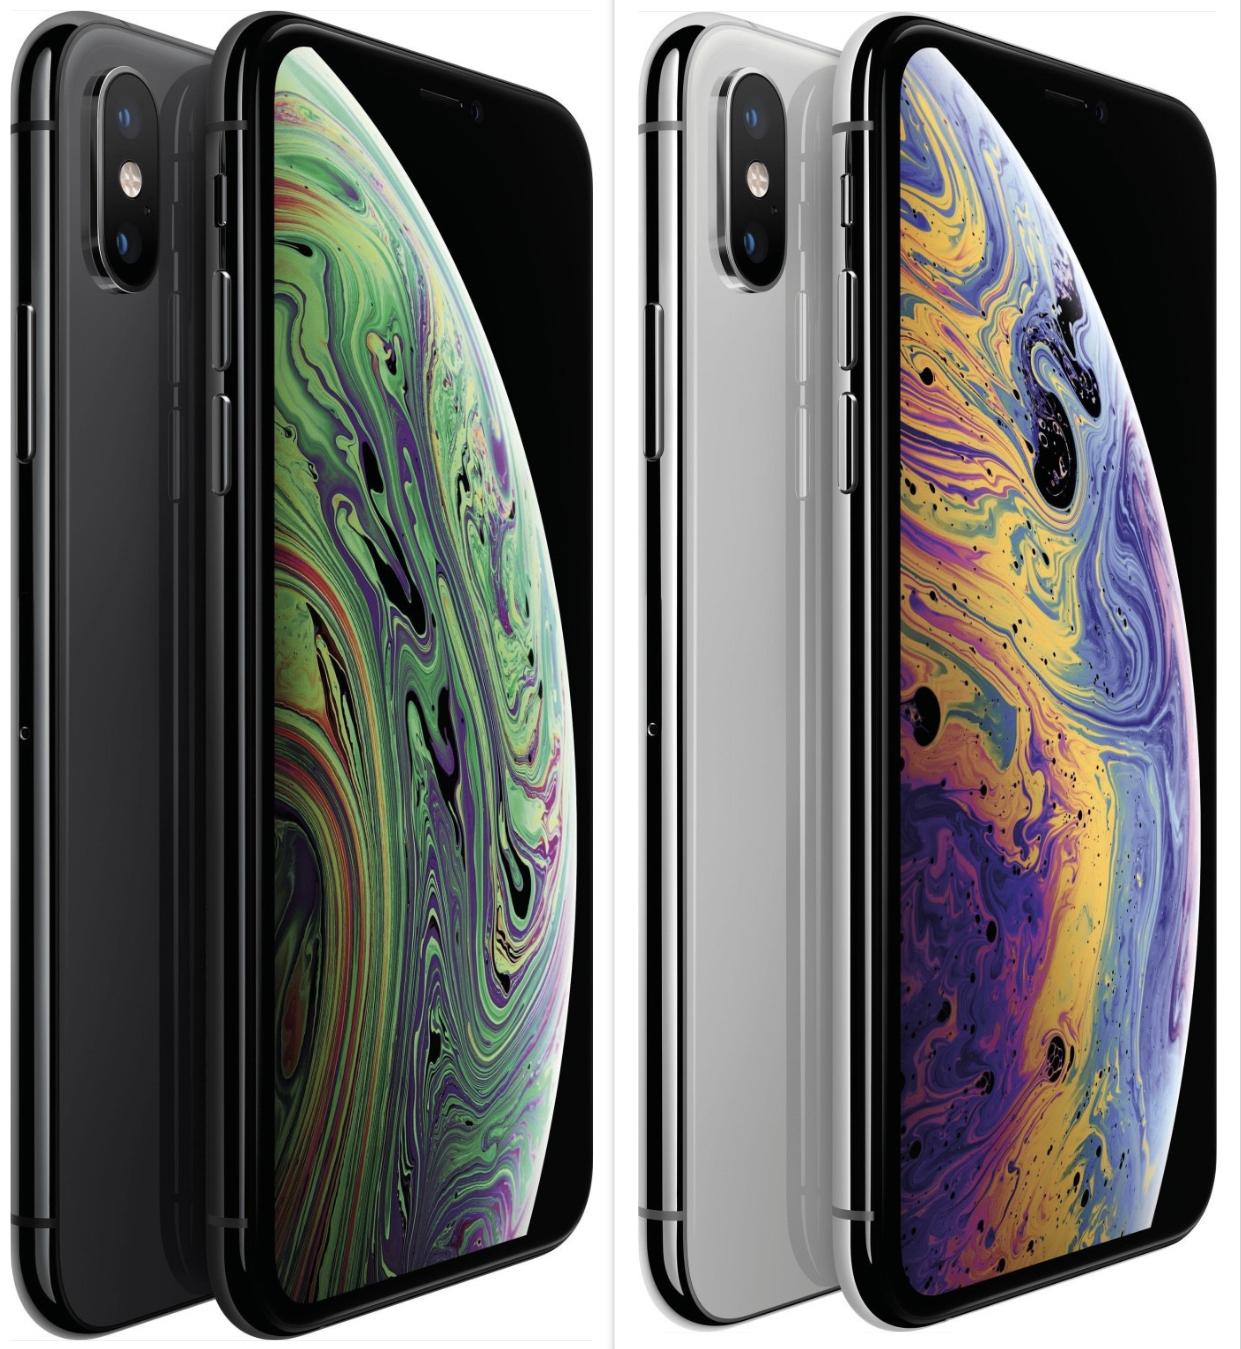 Apple iPhone XS 64GB (Ohne Simlock) spacegrau o. silber NEU OVP MT9E2ZD/A EU für 852,48€ inkl. Versandkosten